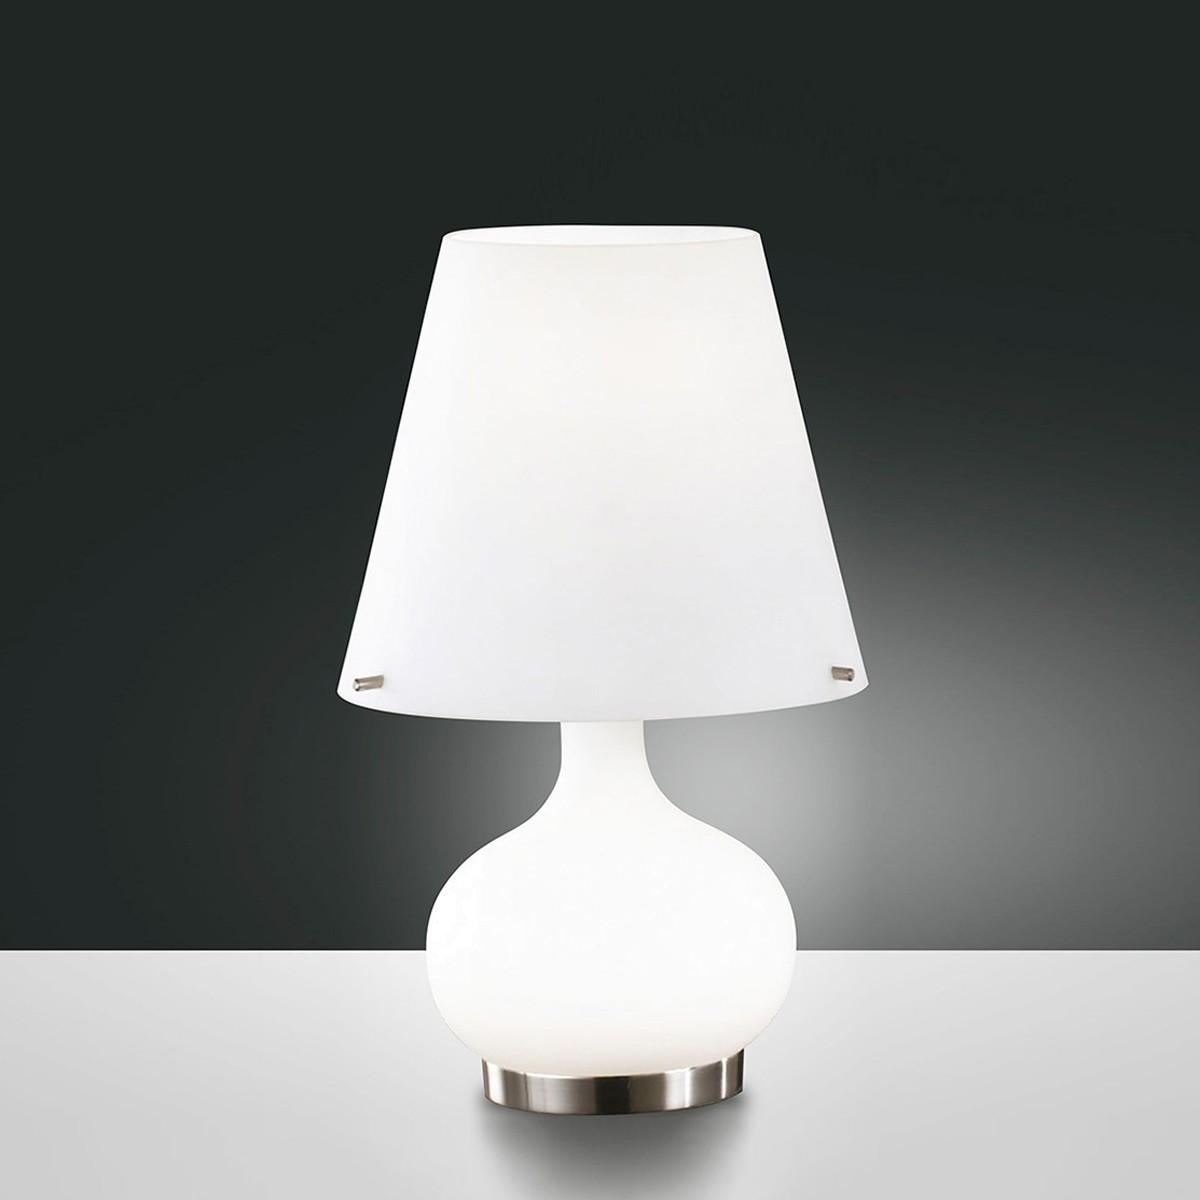 Fabas Luce Ade Tischleuchte, Höhe: 33 cm, weiß